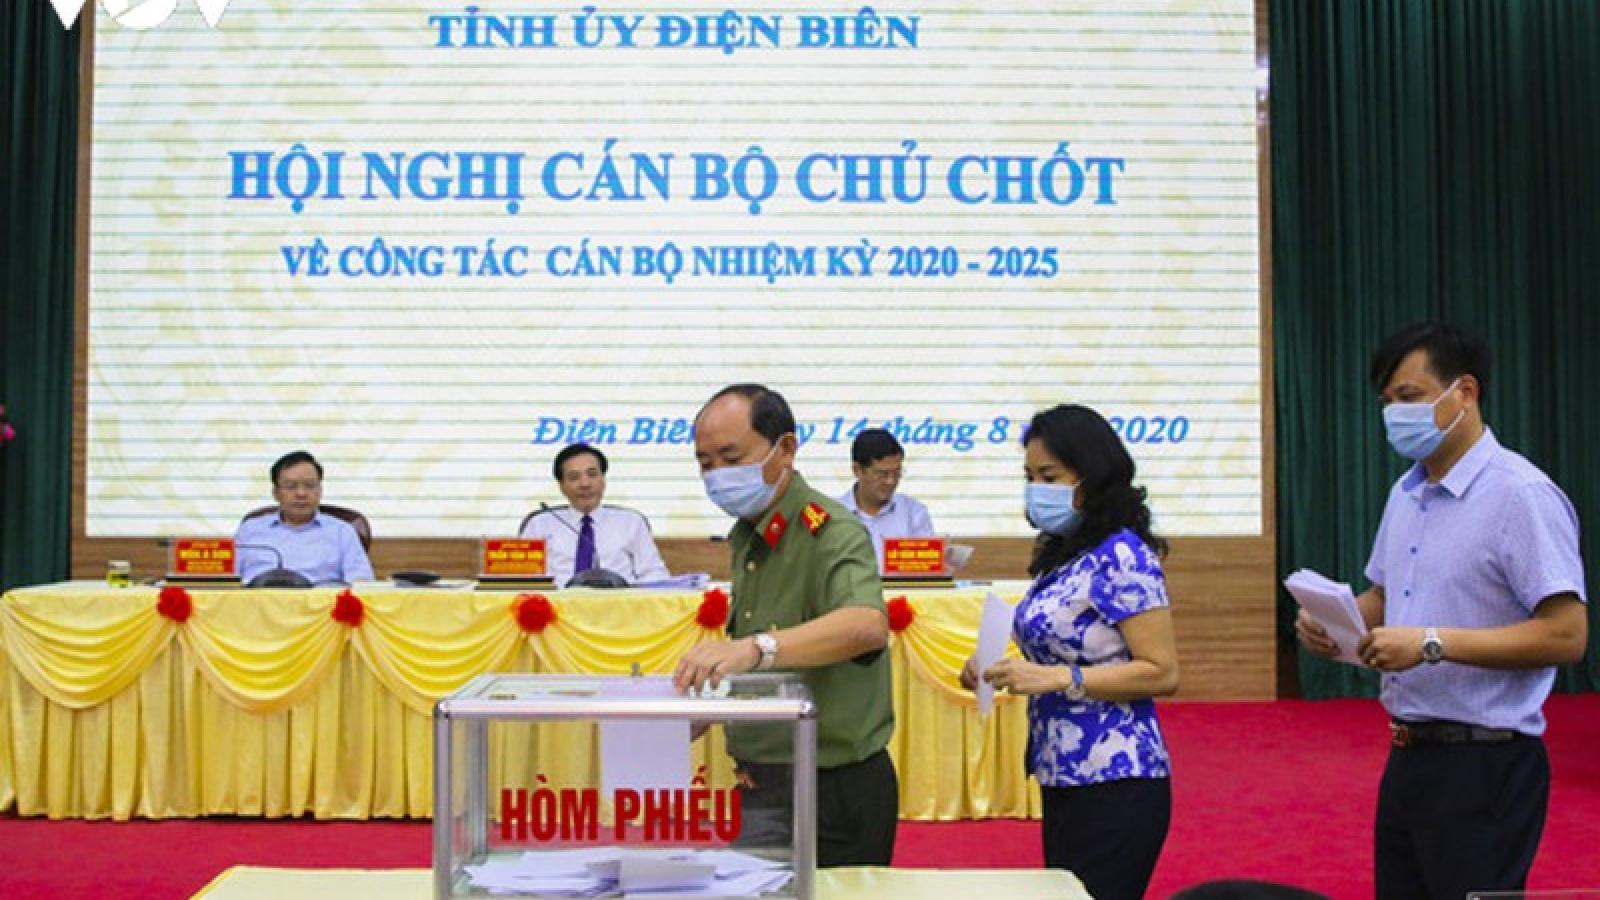 Điện Biên tổ chức hội nghị về công tác cán bộ nhiệm kỳ 2020-2025